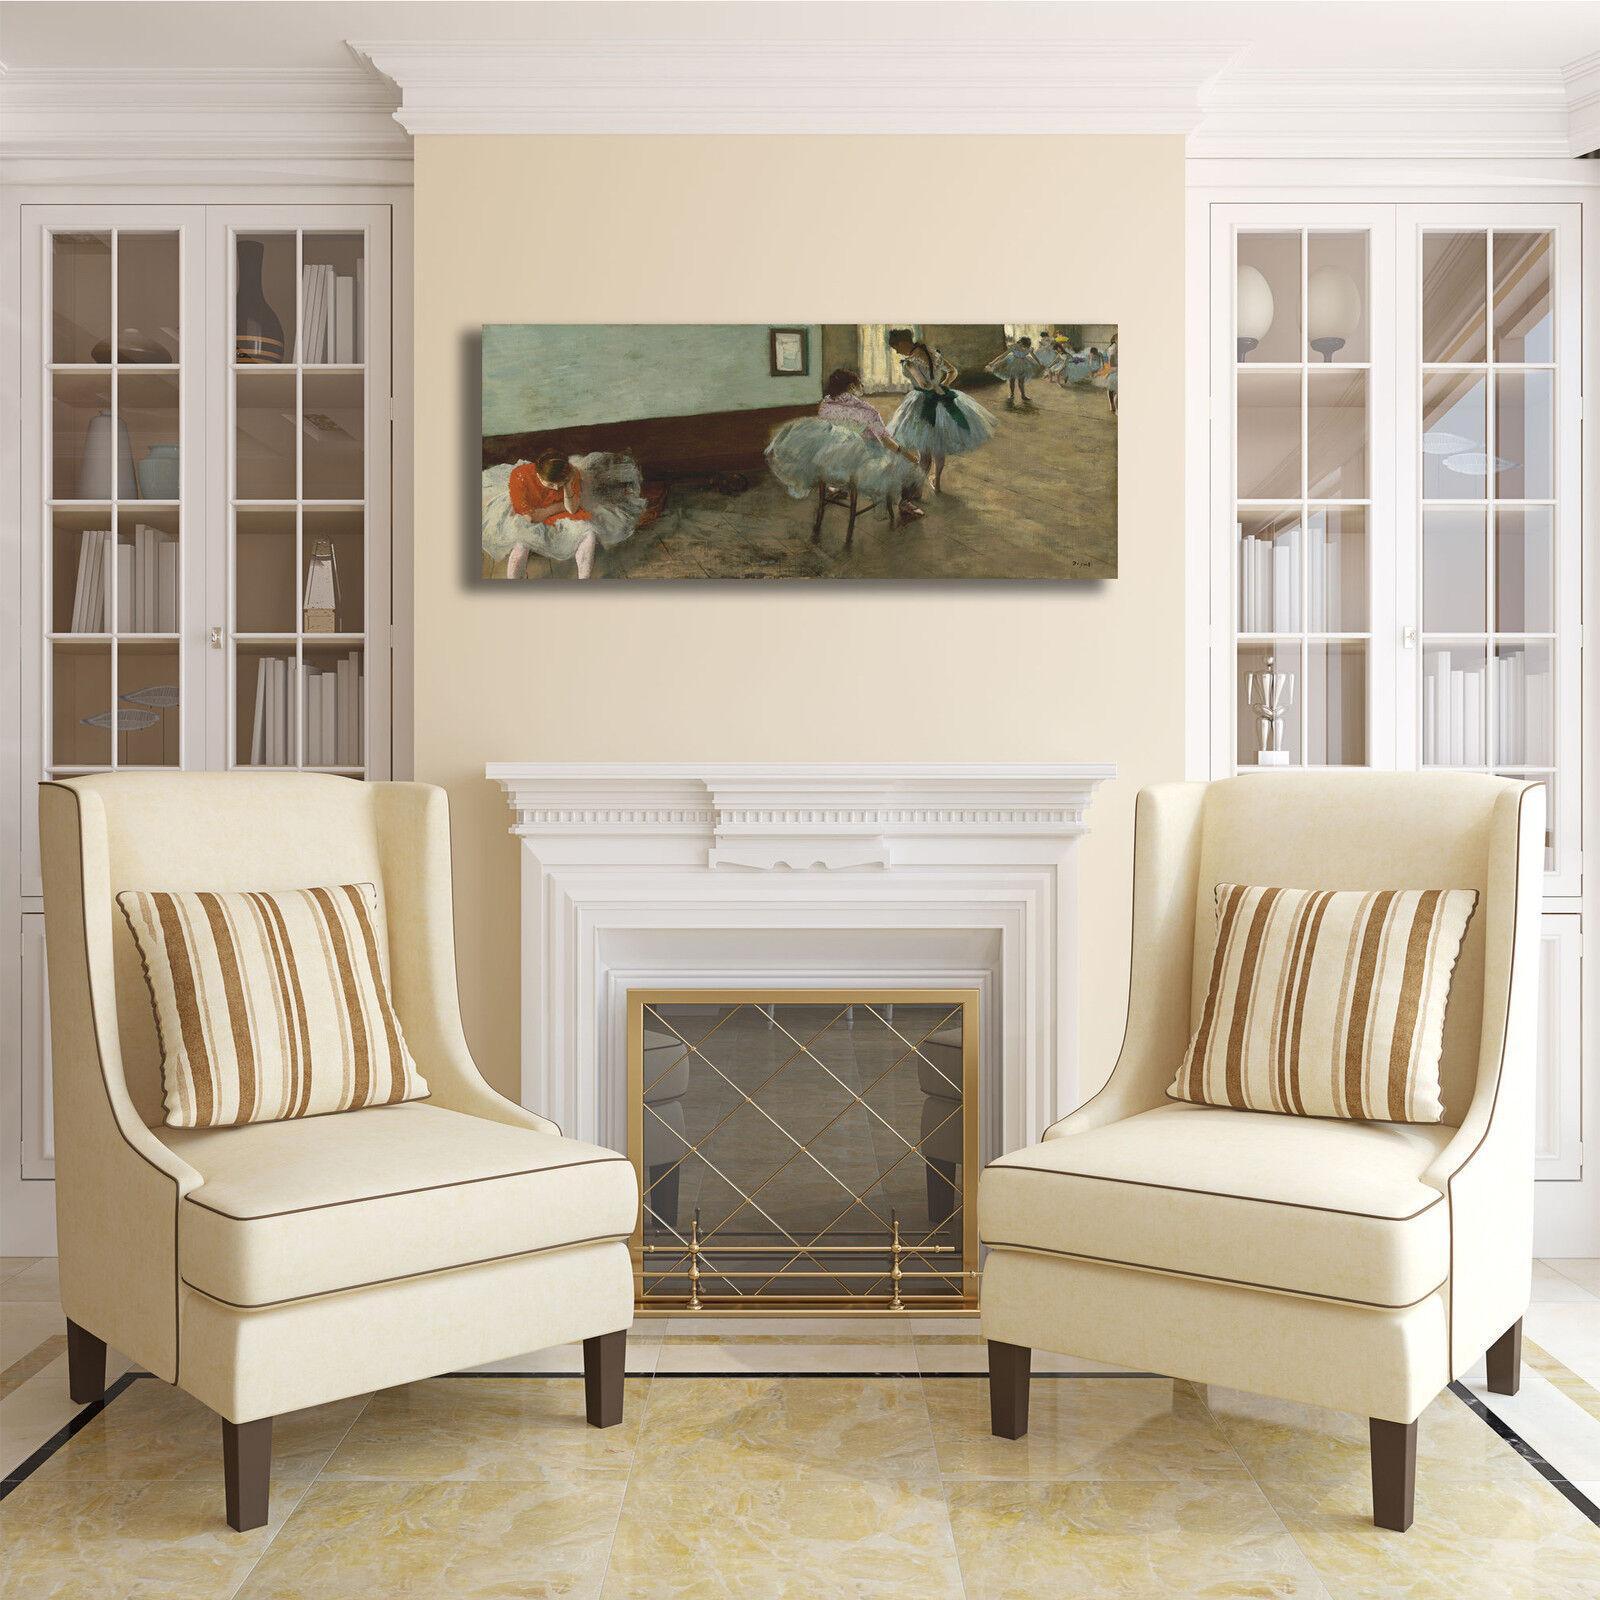 Degas lezione di di di danza design quadro stampa tela dipinto telaio arRouge o casa 6a6770